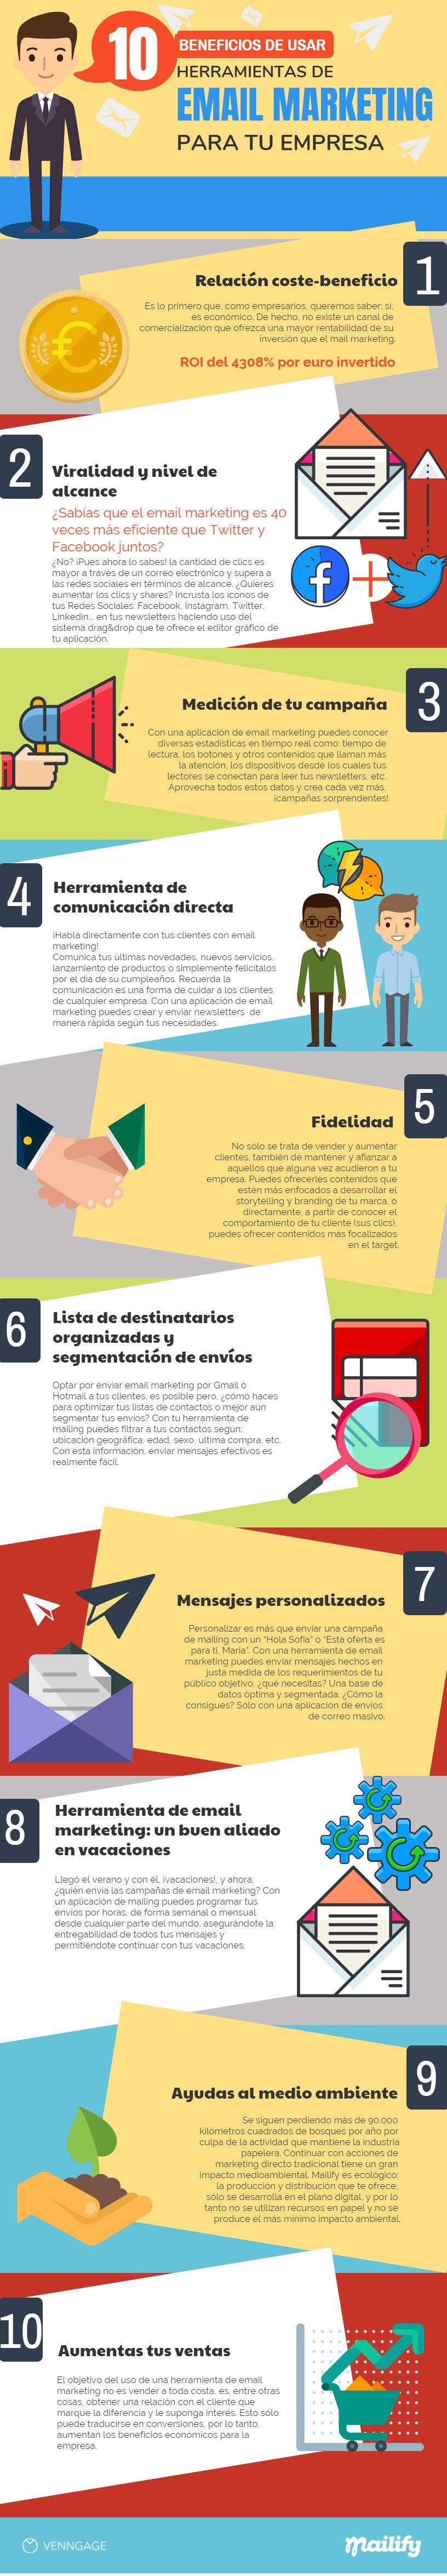 Beneficios del email marketing para empresas